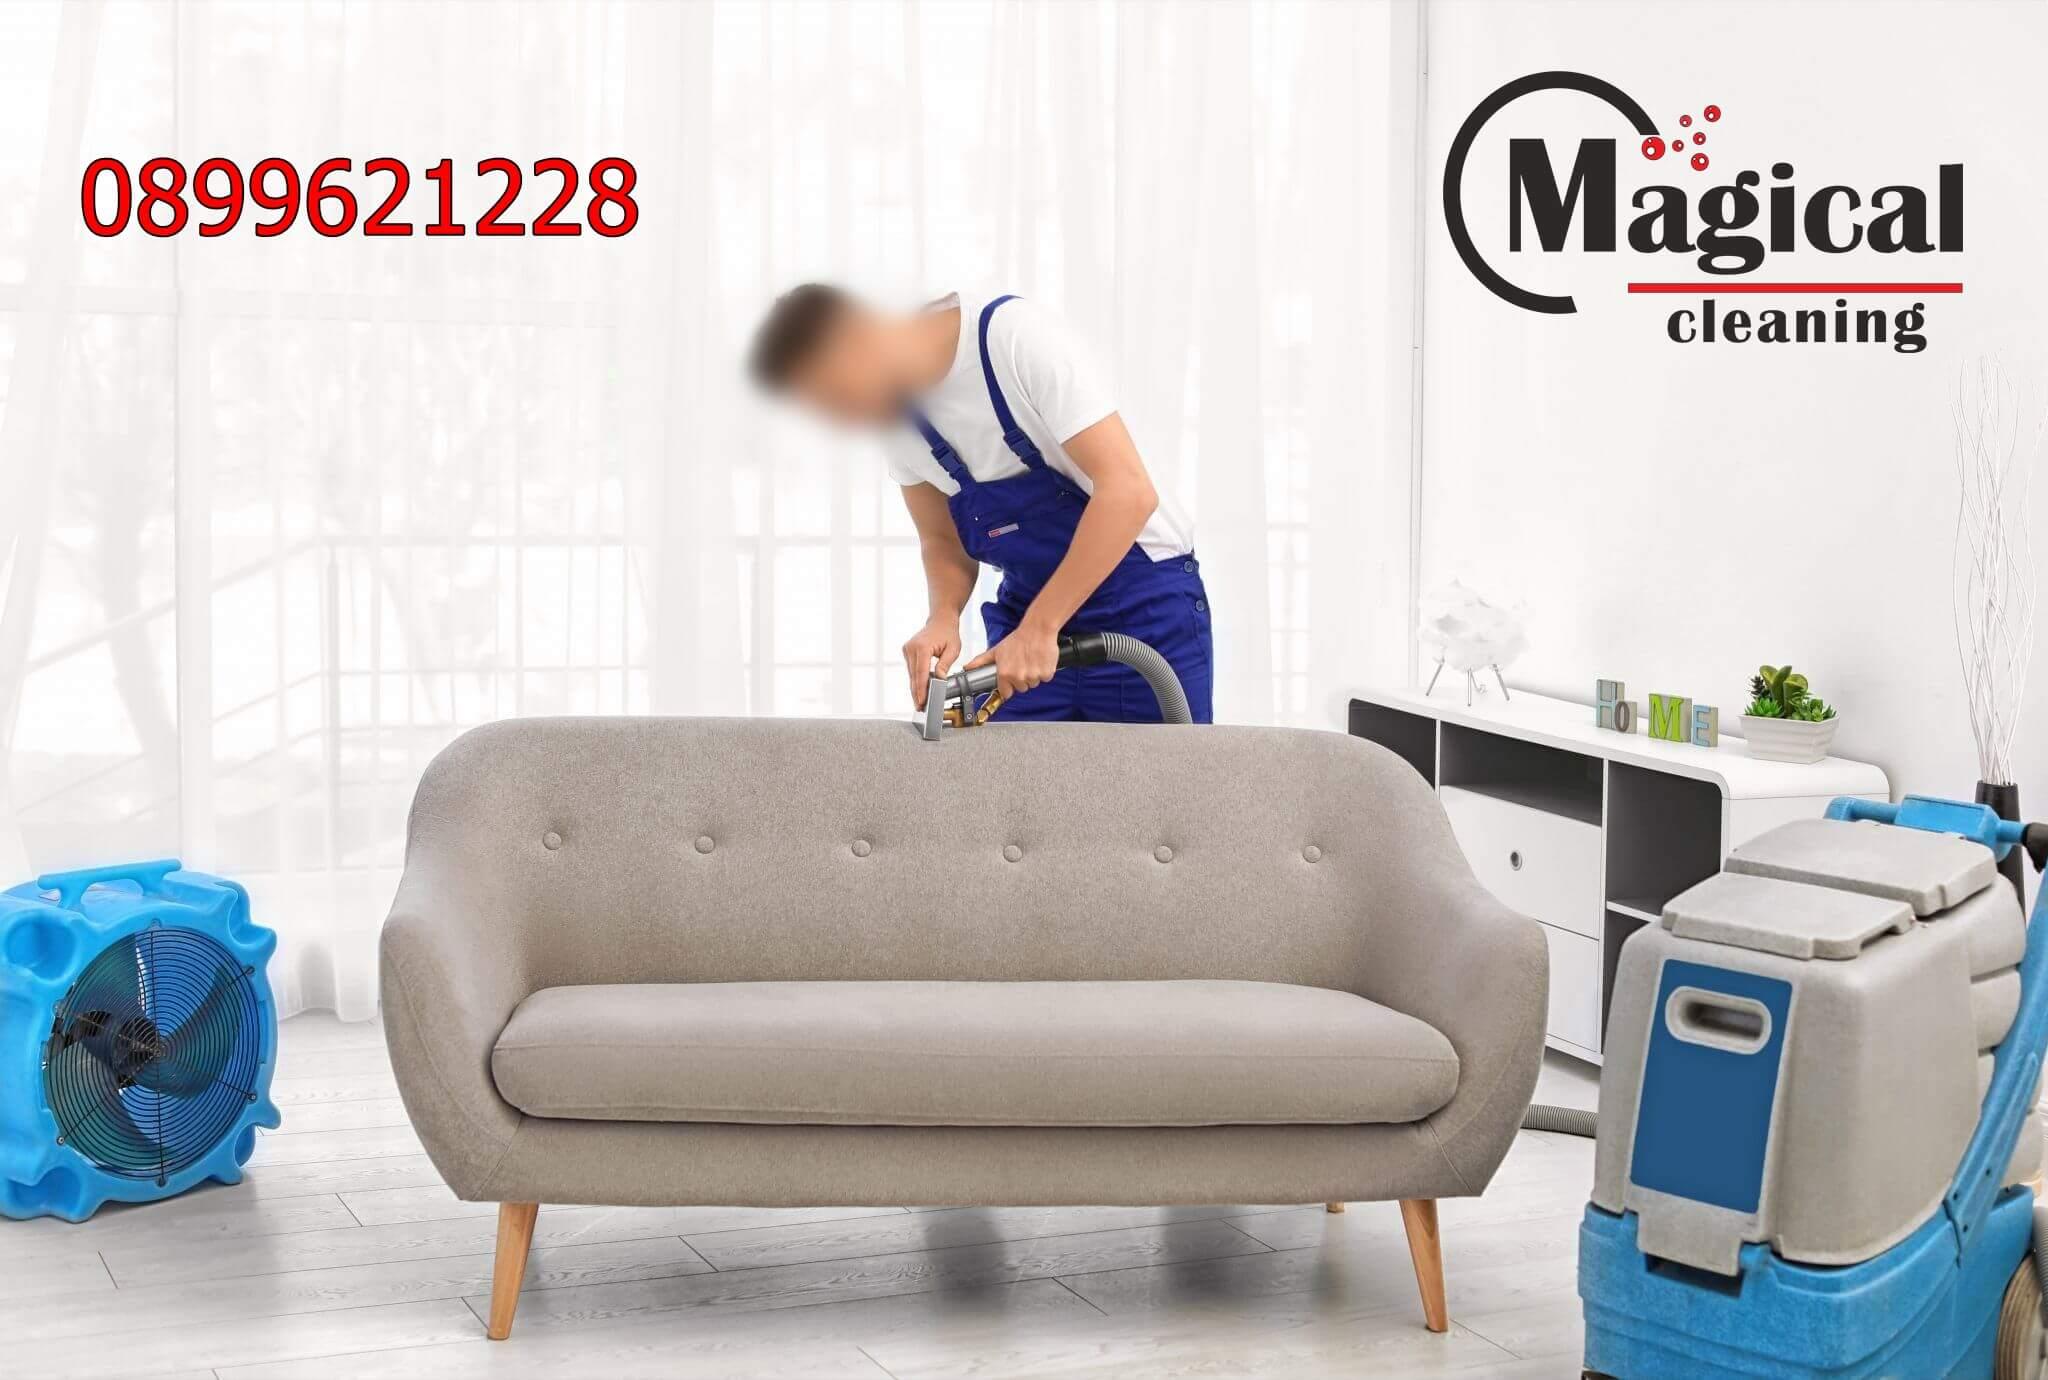 Премахване на стари петна  от тапицерията на диван с помощта на професионално пране